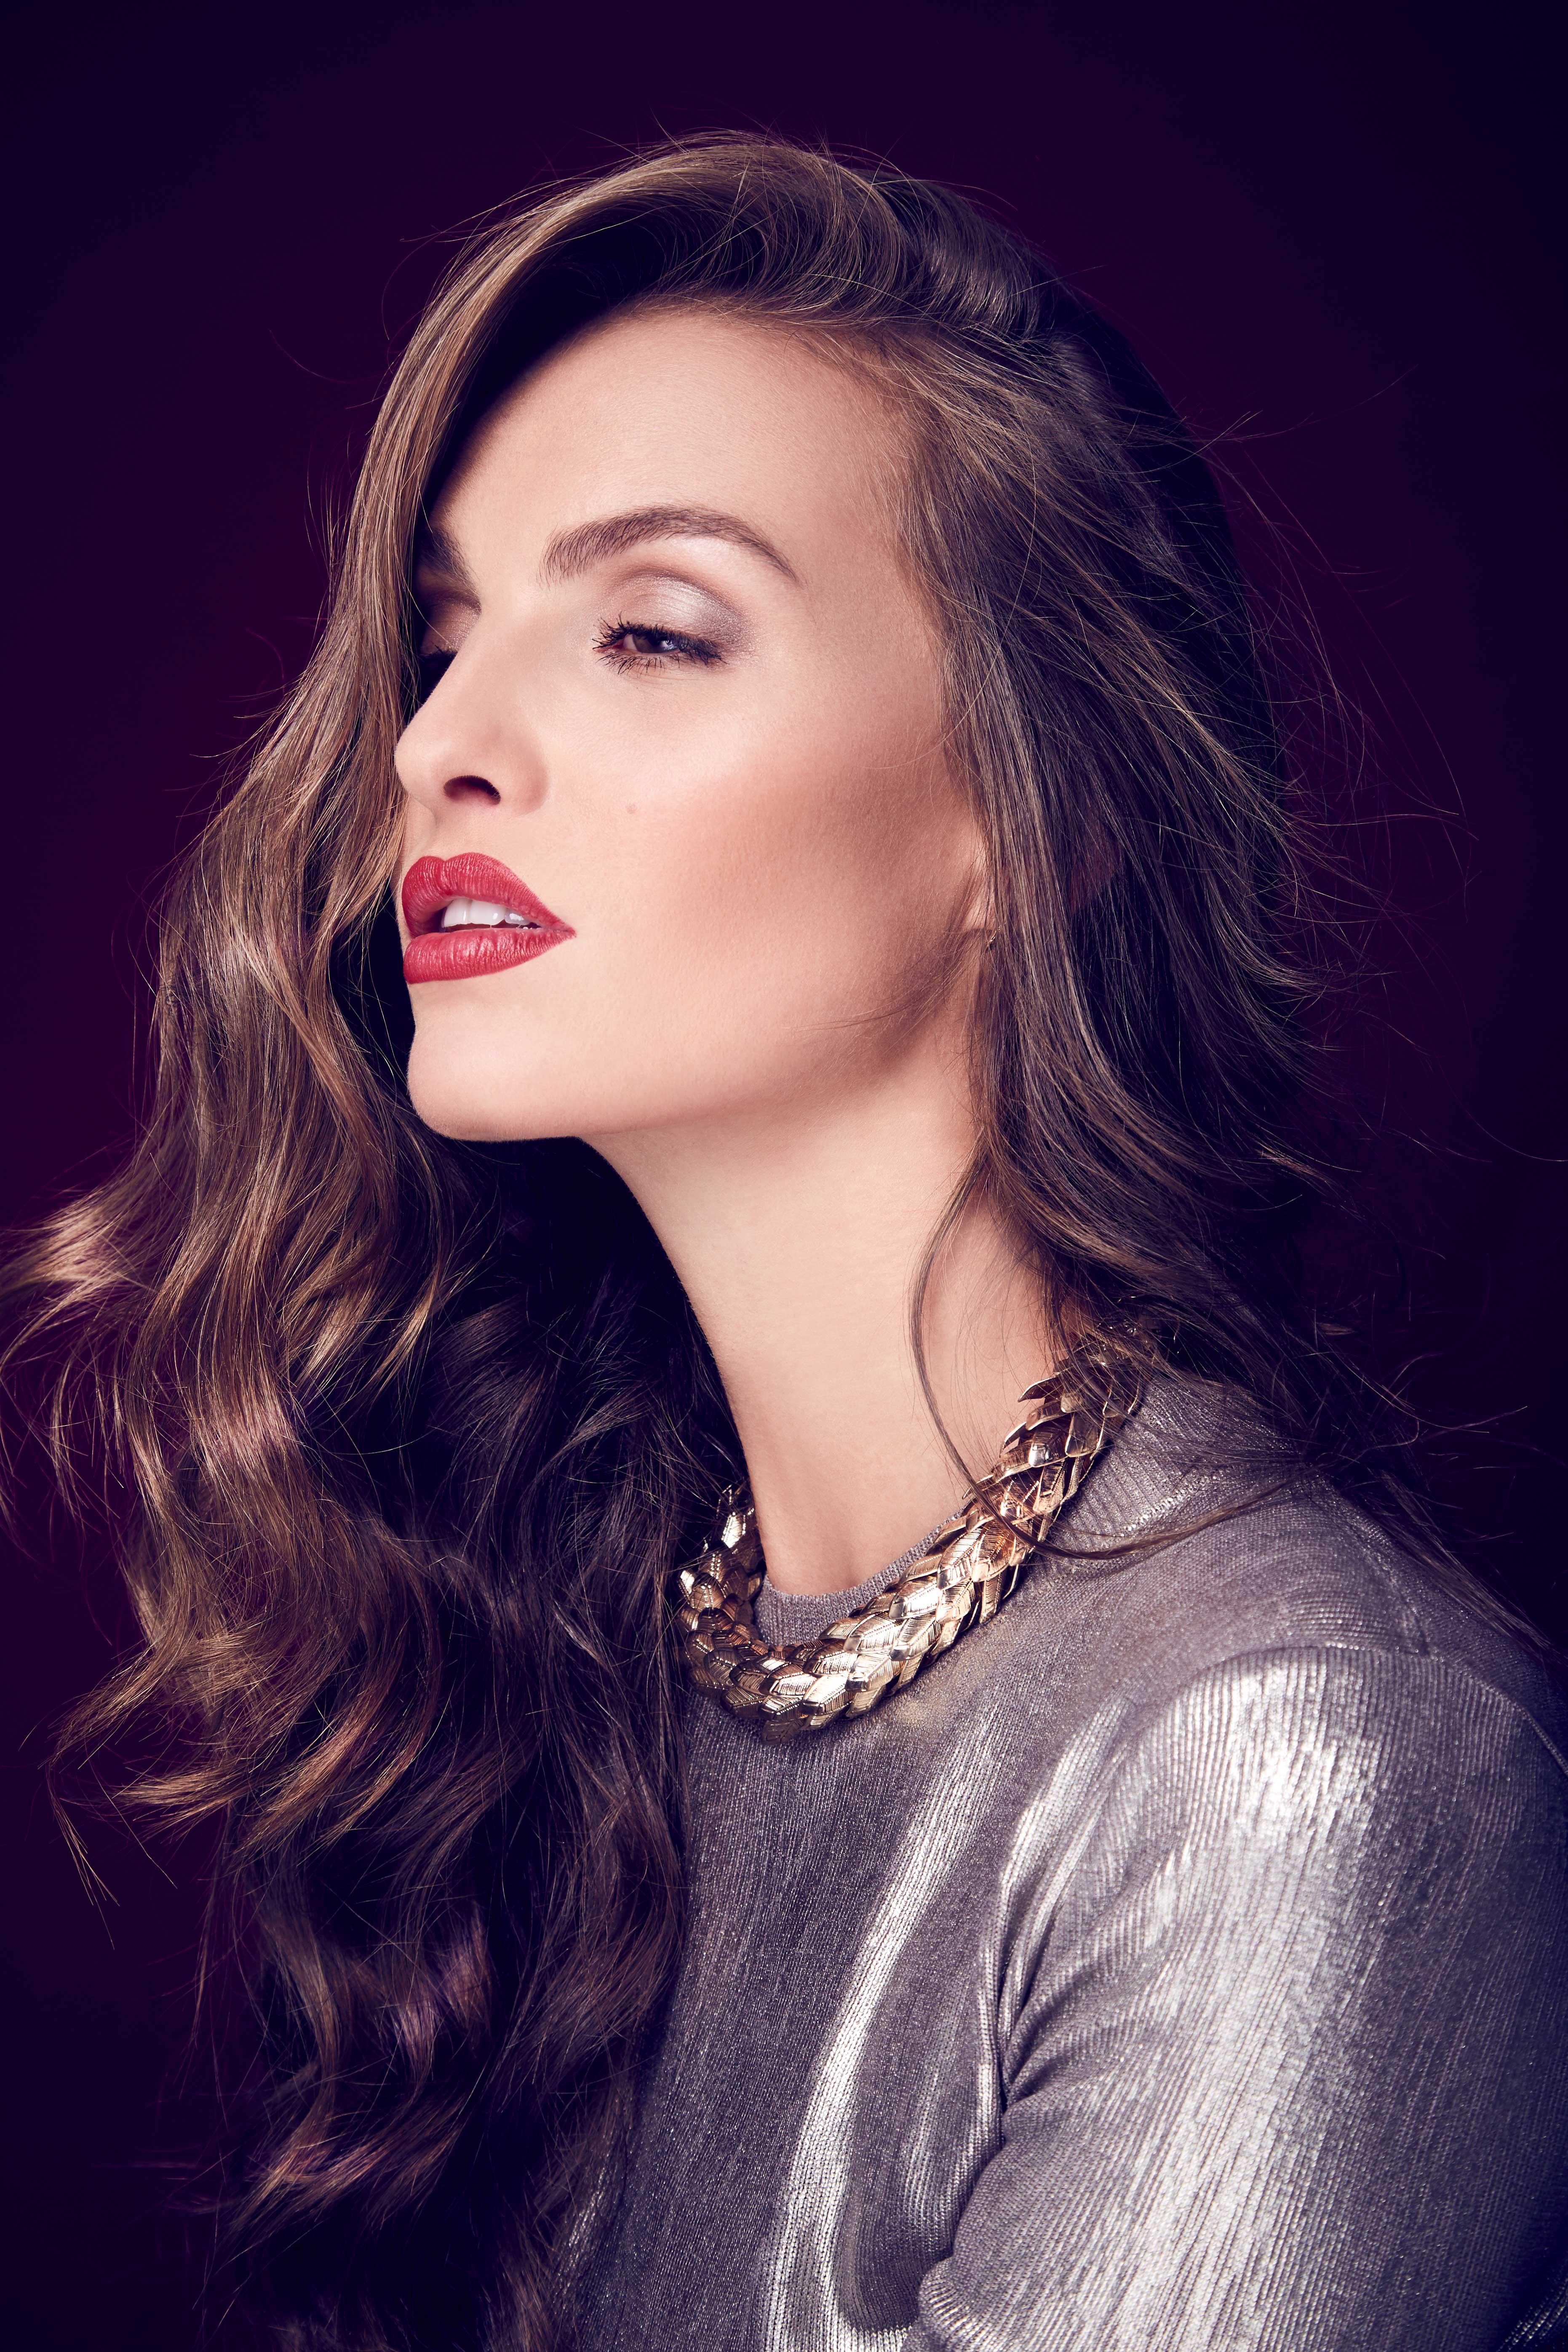 Sophie_Nickel_Beauty_05-0458+sRGB_web